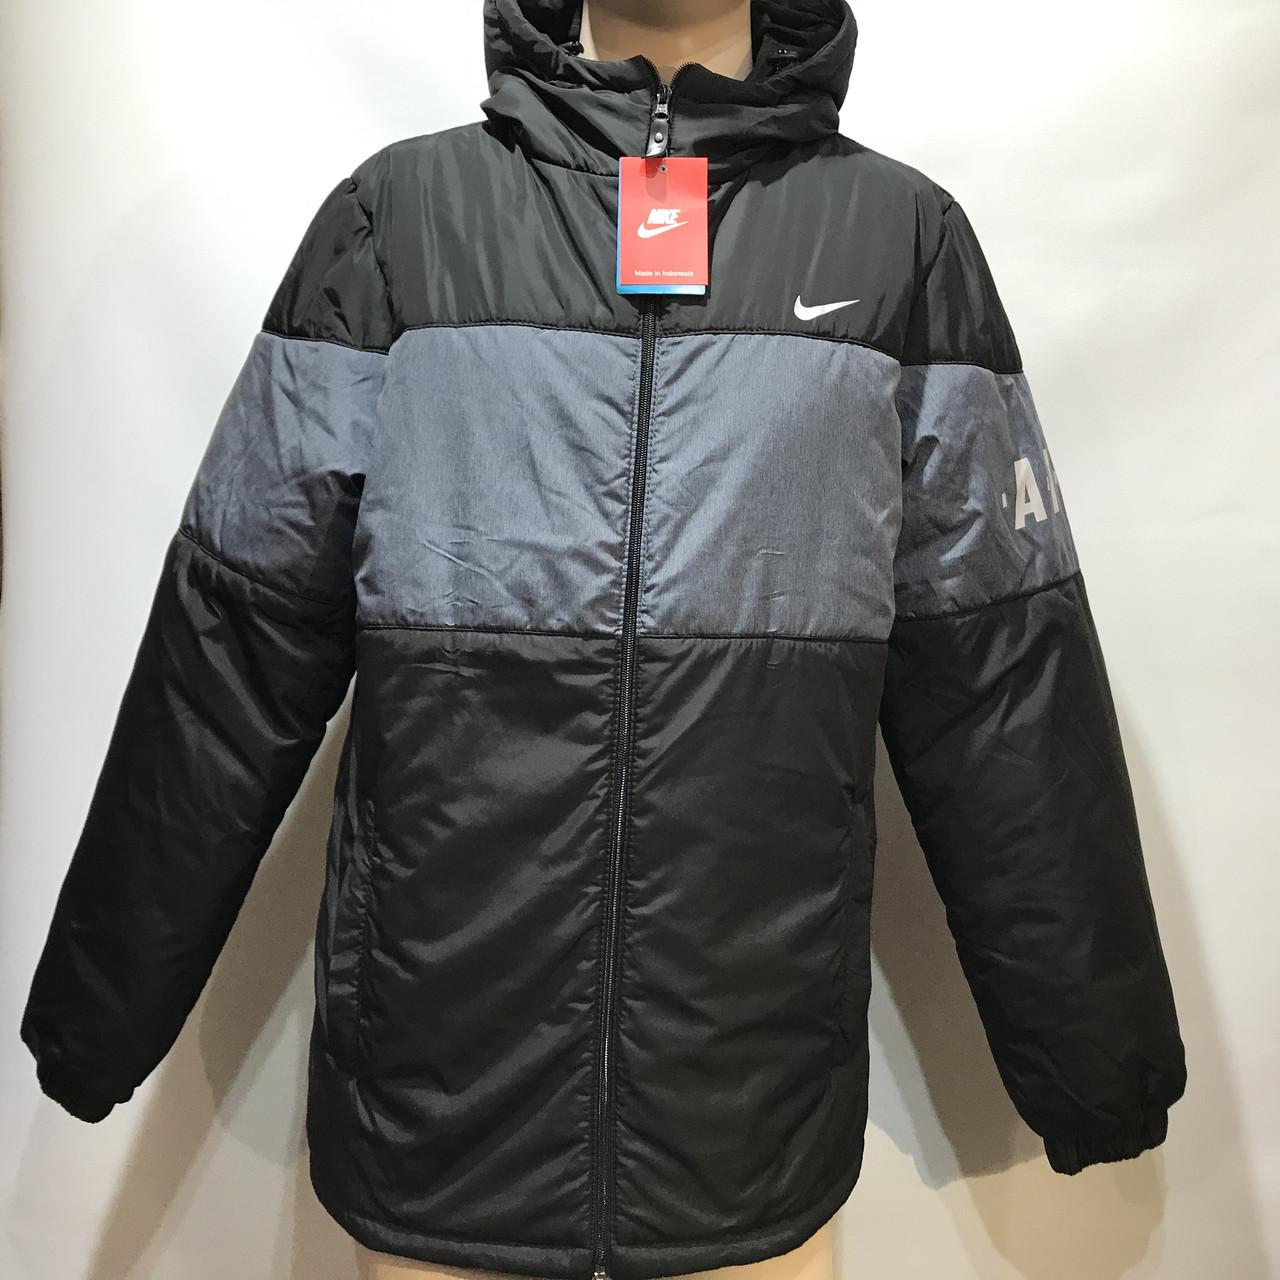 Куртка мужская в стиле Nike демисезонная куртка черная с принтом на груди